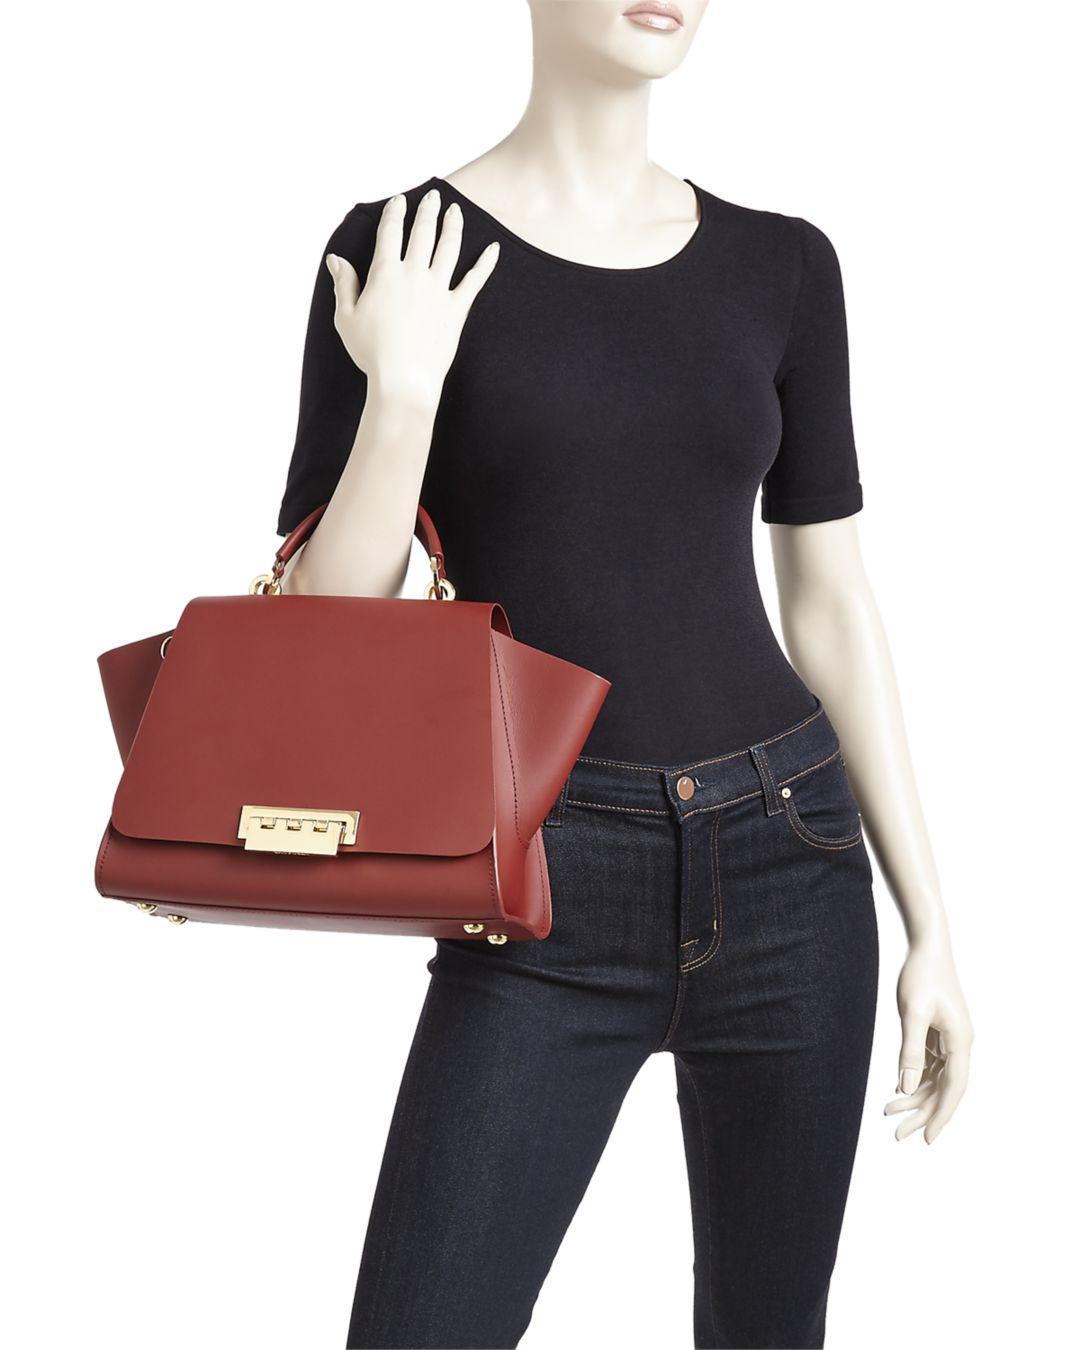 Zac Zac Posen Eartha Iconic Soft Top Handle Large Leather